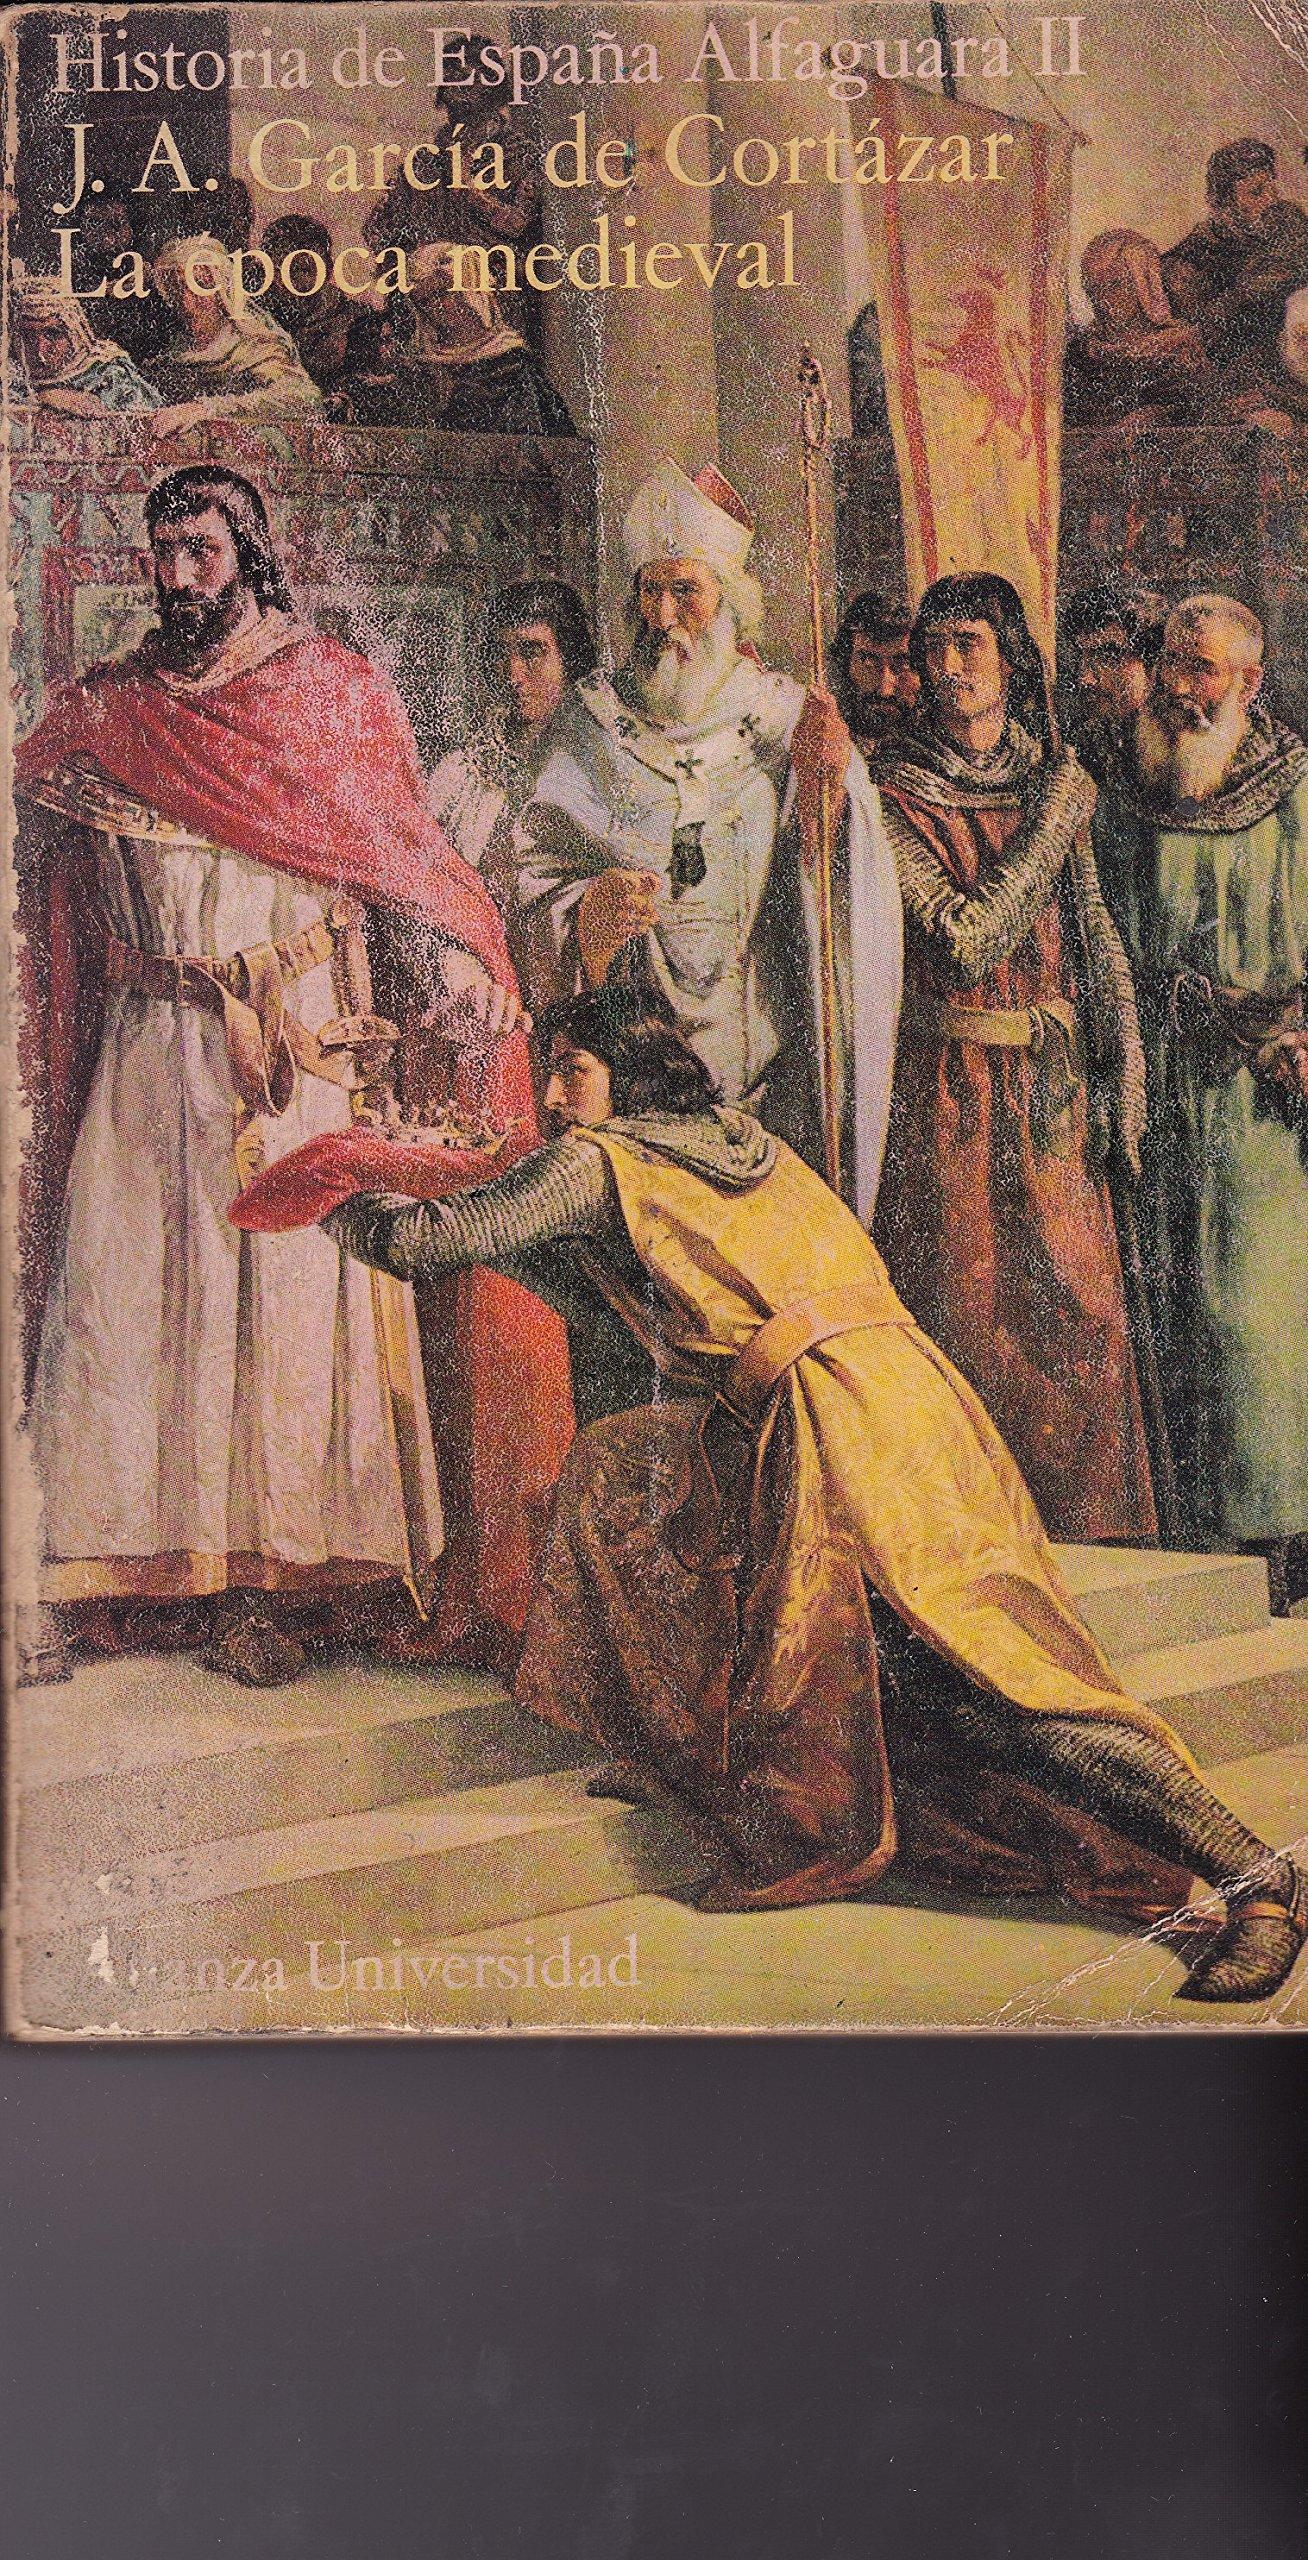 Historia de España Alfaguara II: La época medieval: Amazon.es: J.A. García de Cortázar, Historia: Libros